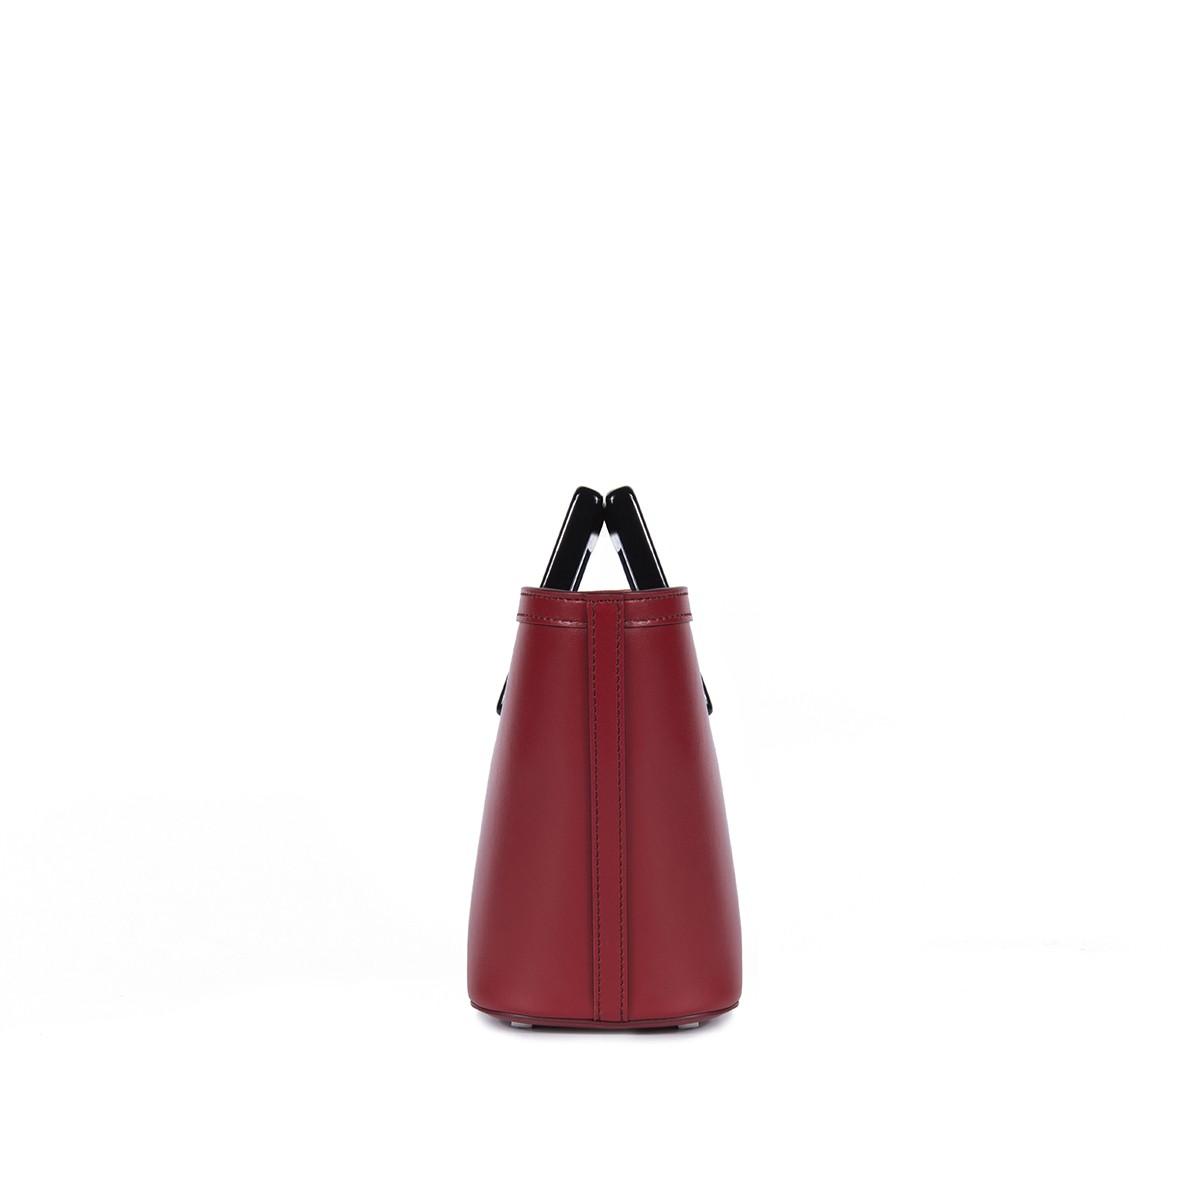 Micro Riviera in Crimson Napa3